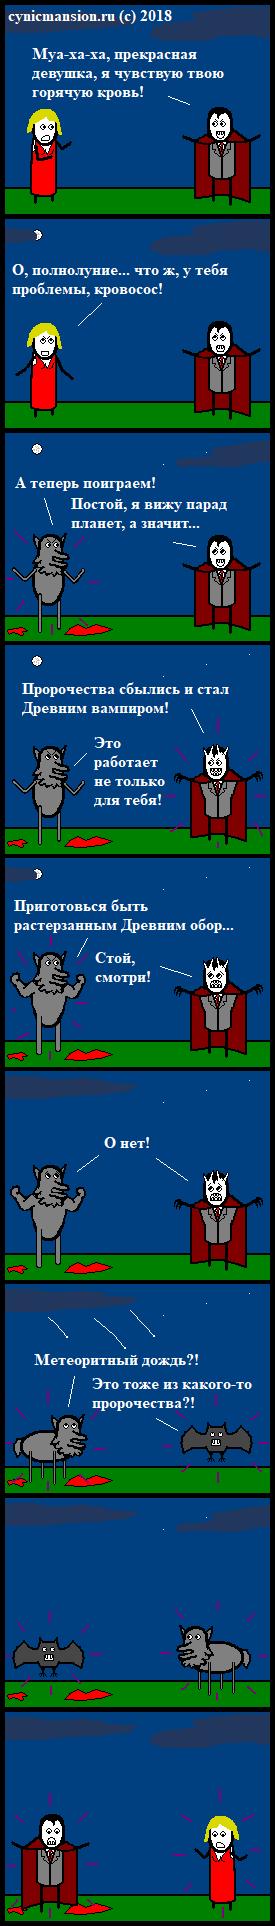 Звездное Cynicmansion, Комиксы, Вампиры, Оборотни, Звёзды, Длиннопост